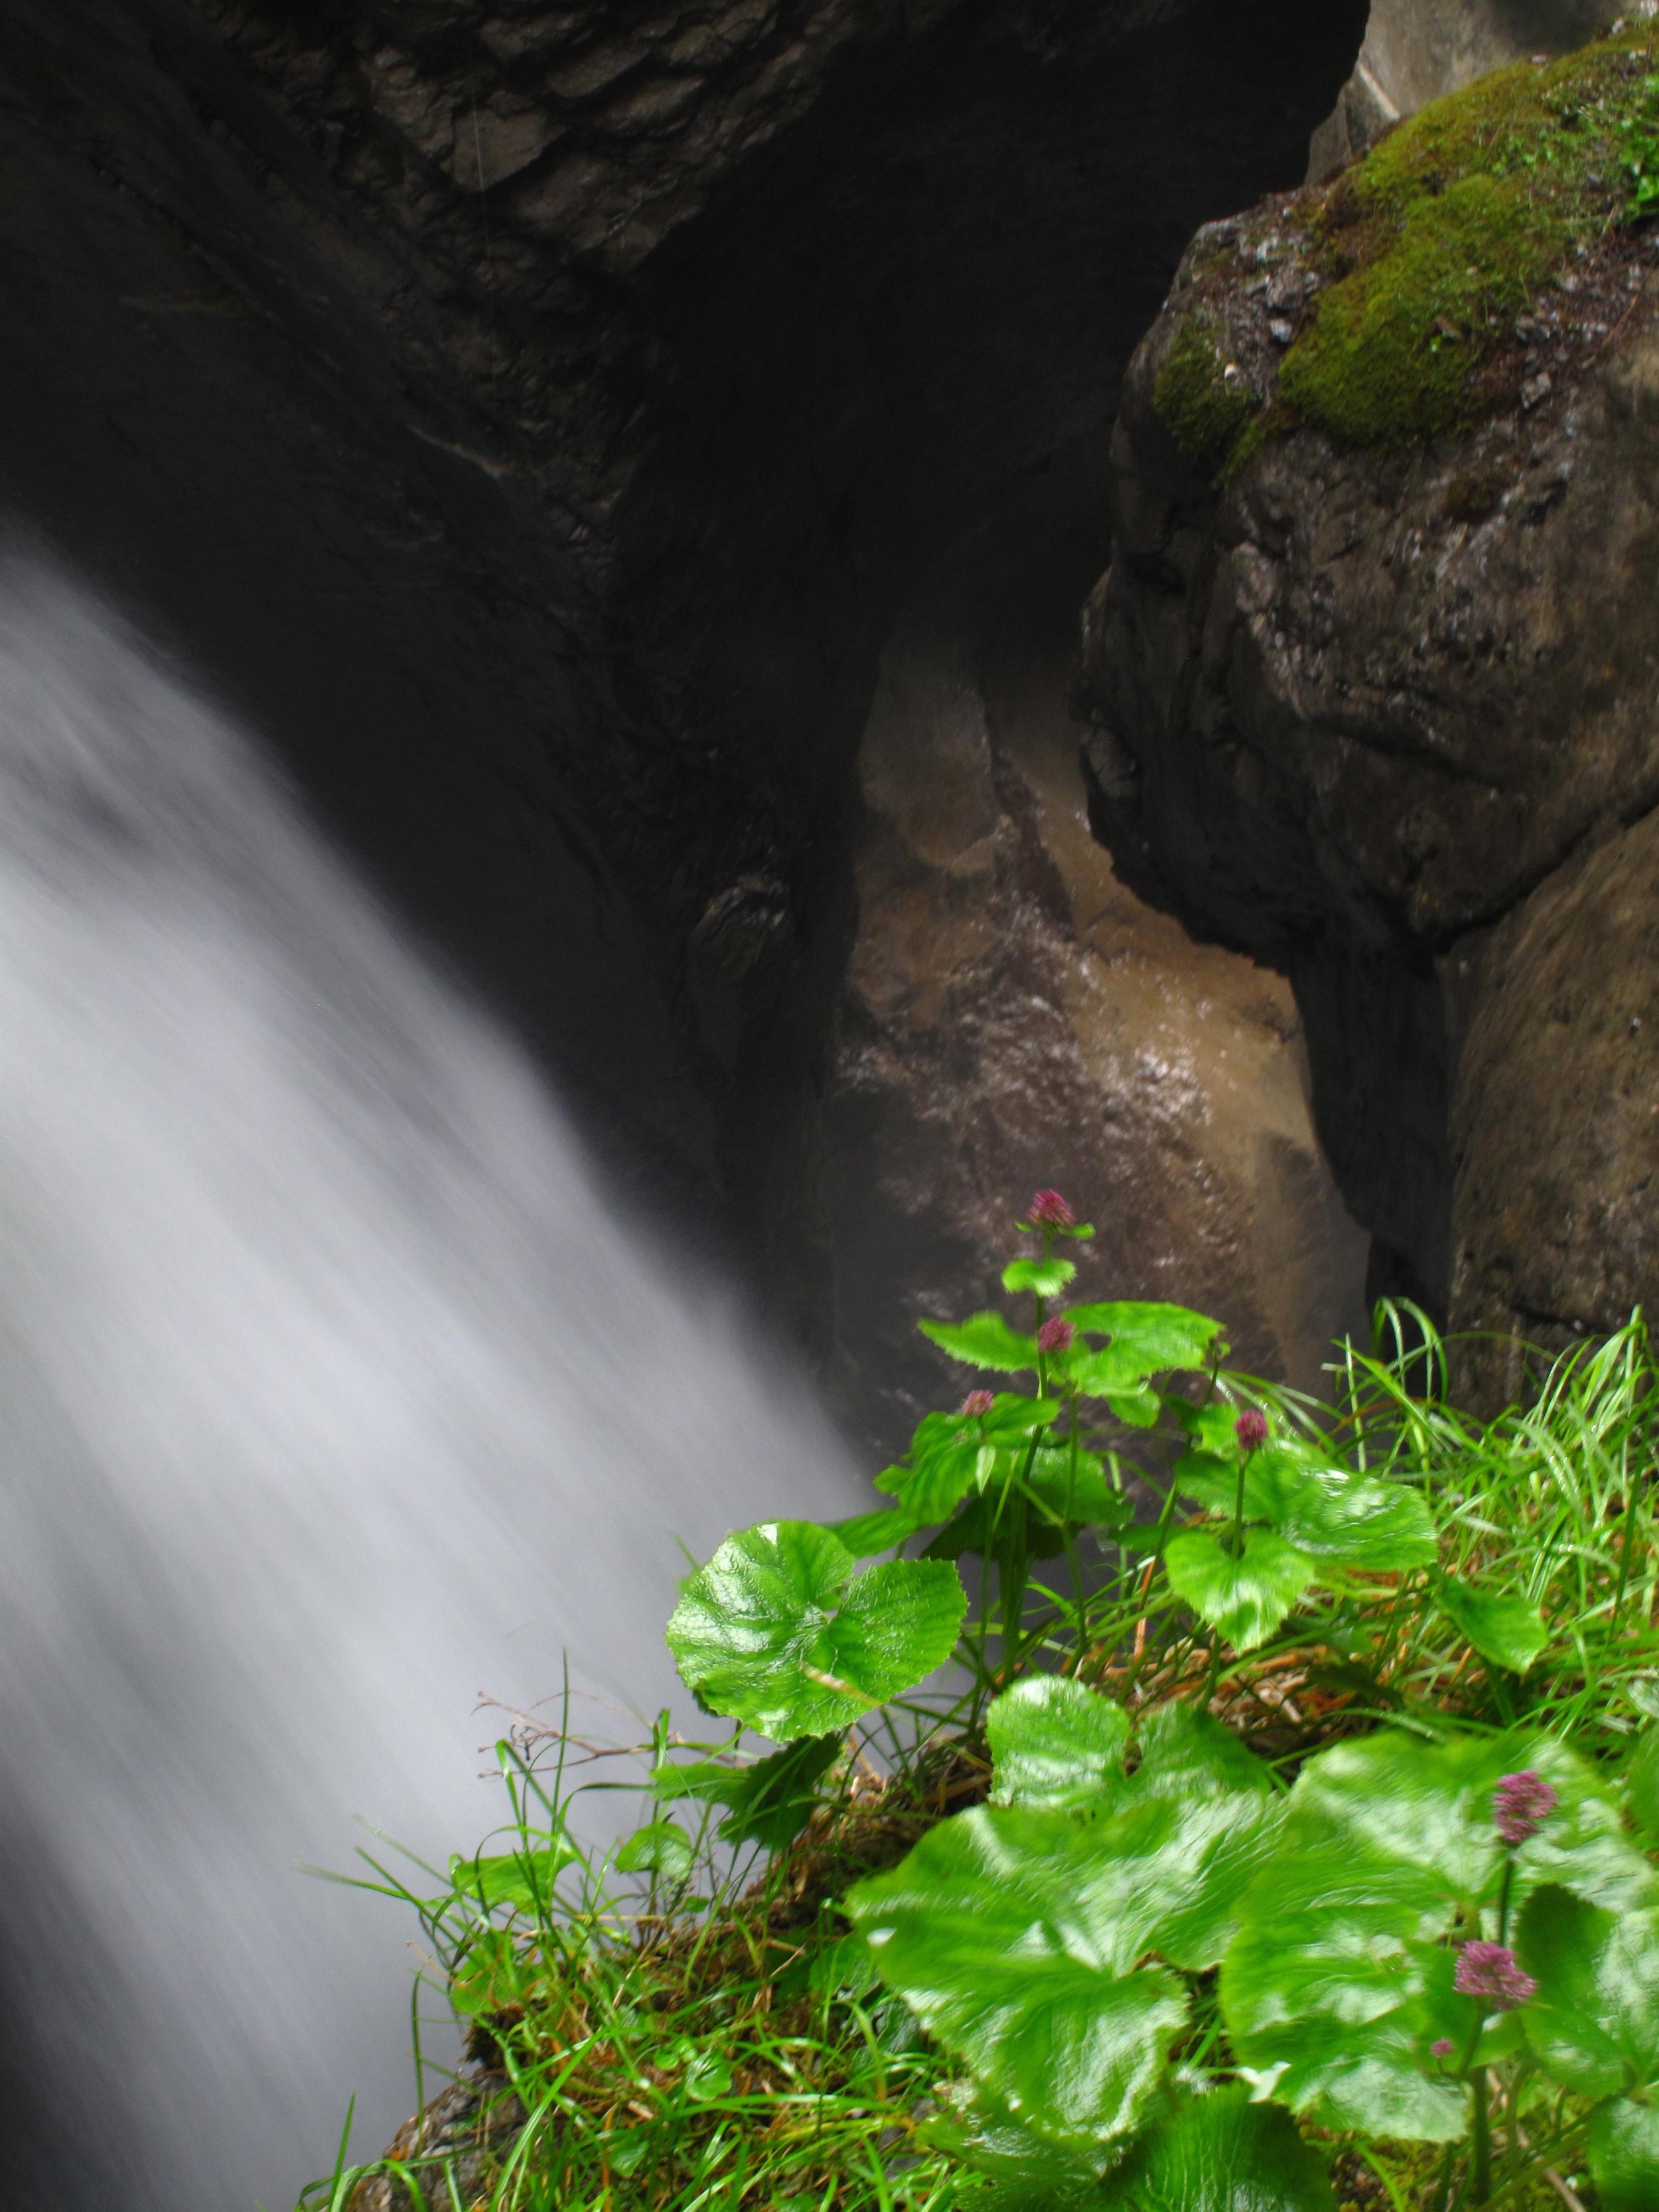 Trümmelbach waterfall in a mountain in Switzerland's lauterbrunnen valley